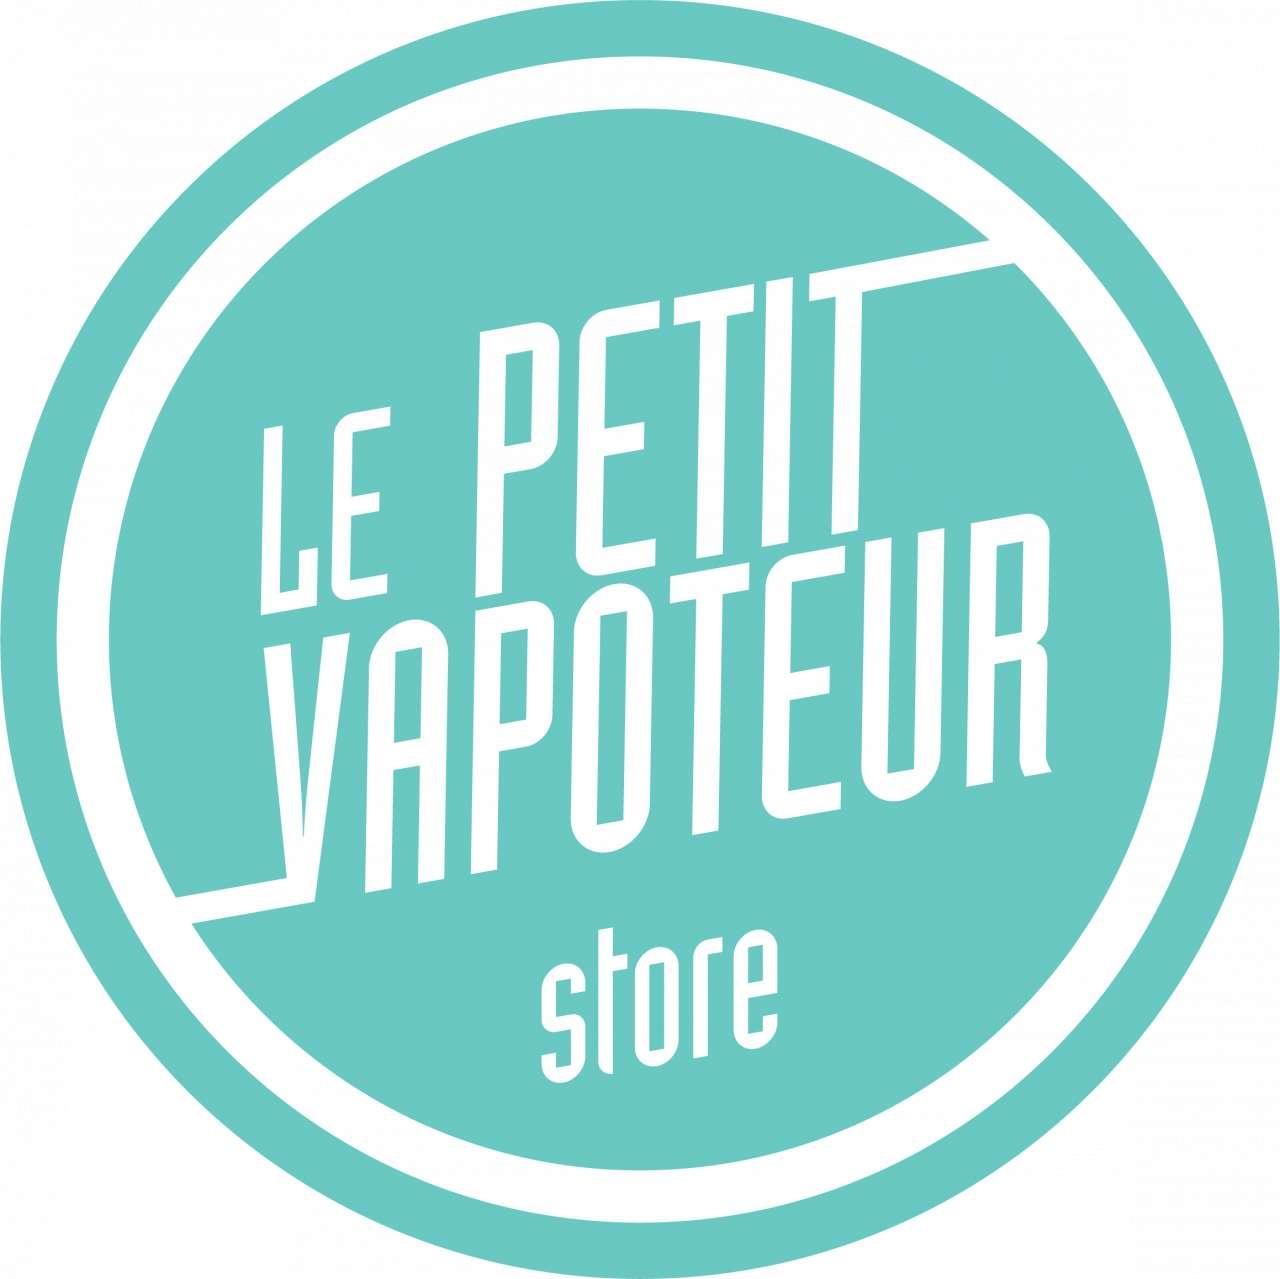 Boutique de vape spécialisée LE PETIT VAPOTEUR STORE située à LE MANS